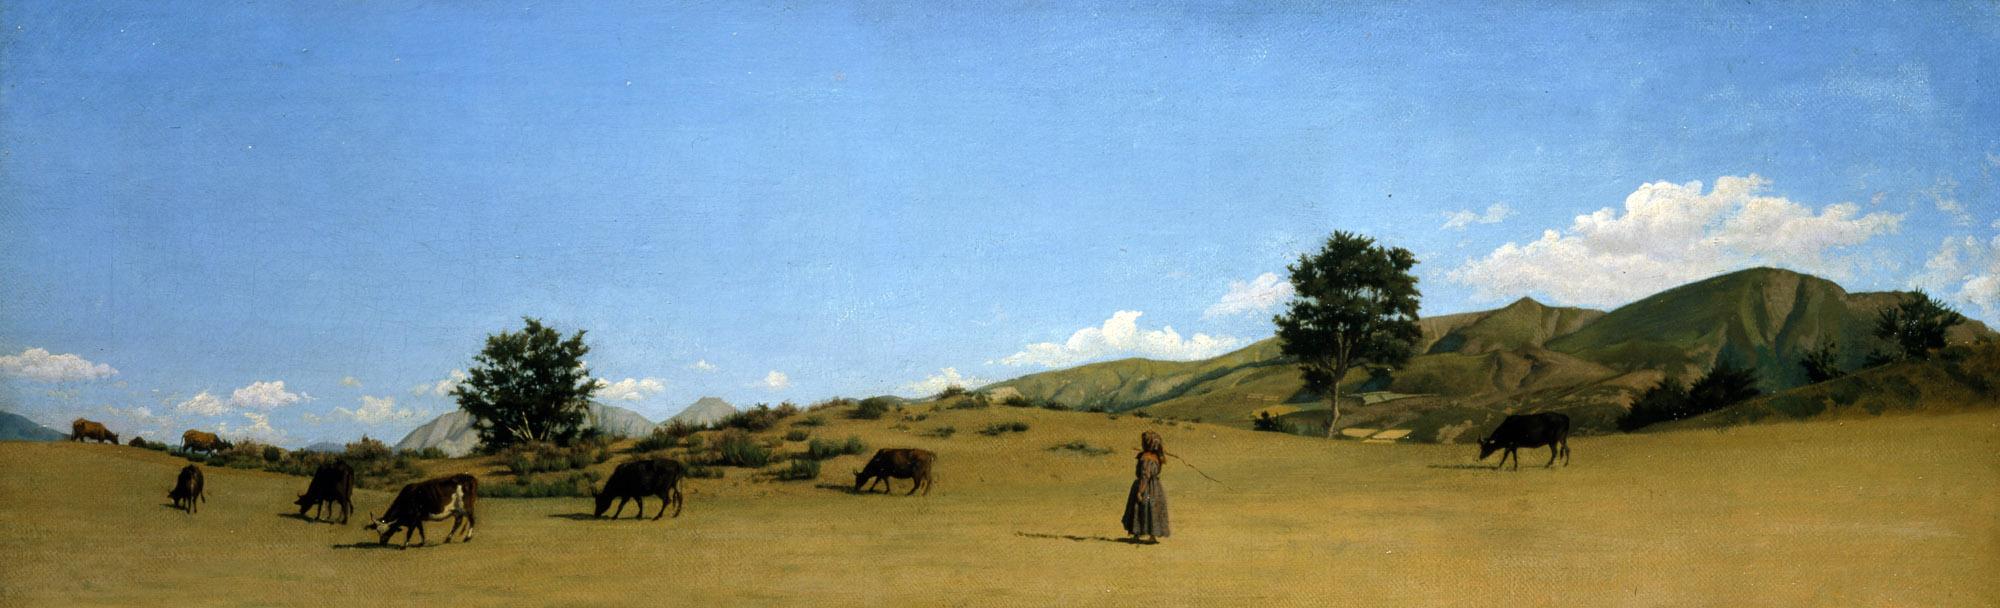 Raffaello Sernesi, Pastura in montagna, 1861 - coll. privata